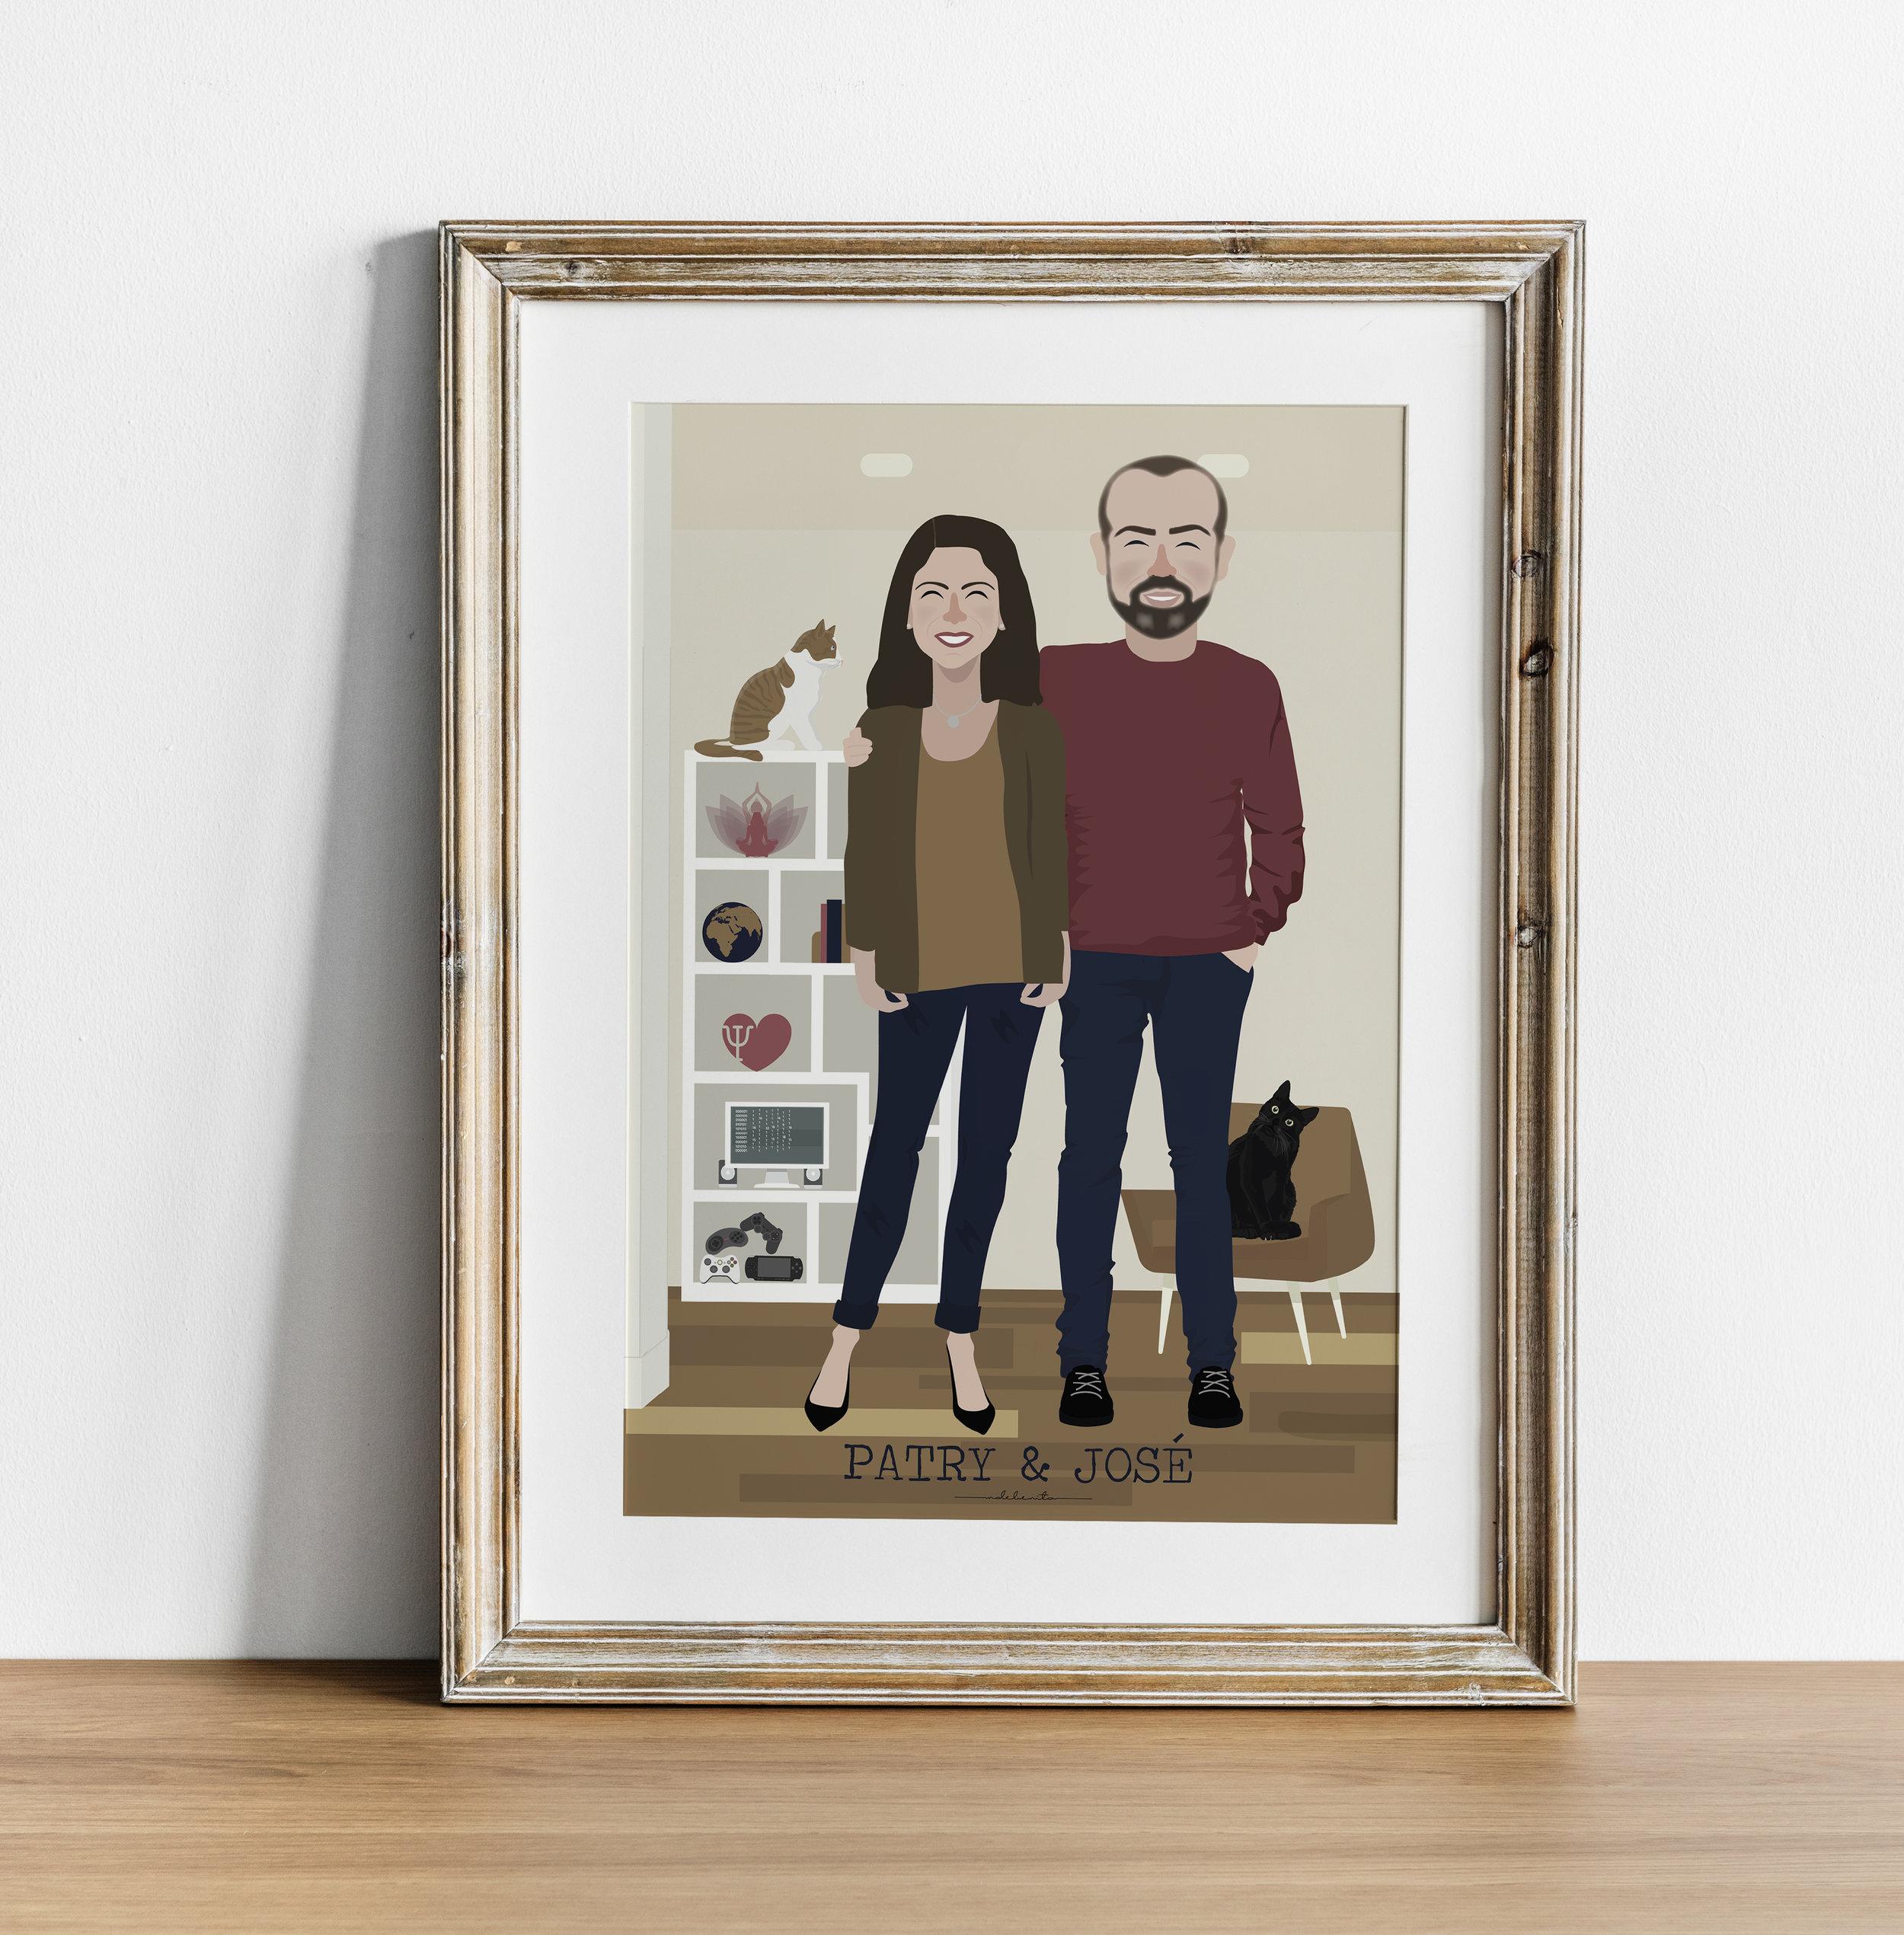 ilustracion-regalo-personalizado-lamina-personalizada-diseño-asturias-mdebenito.jpg